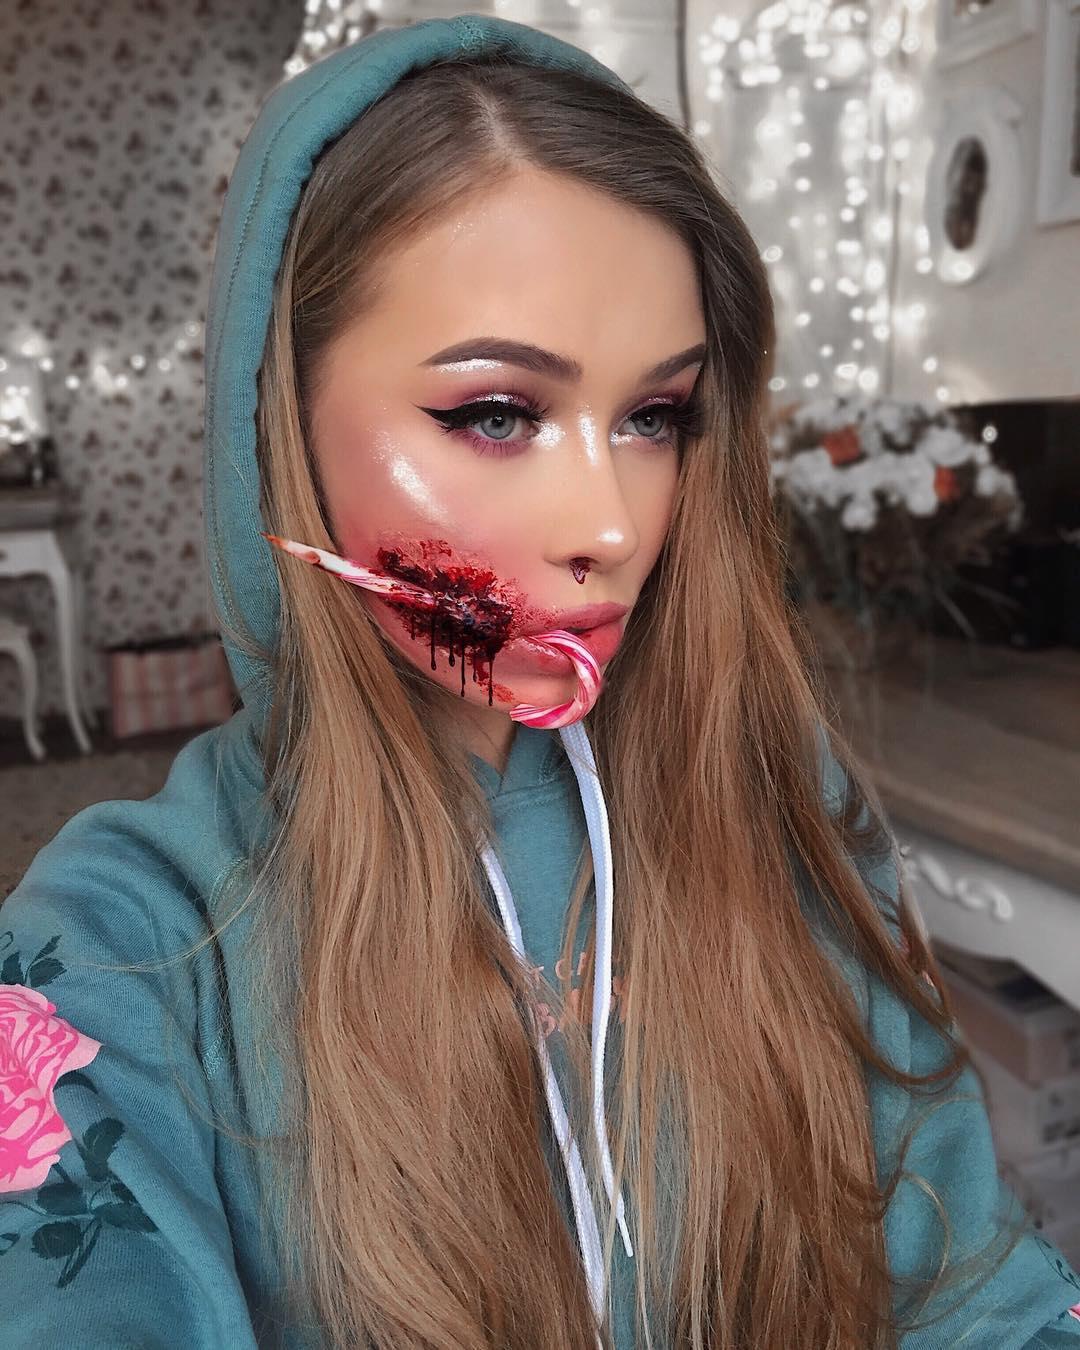 impresionantes-ilusiones-ópticas-con-maquillaje-artista-Monika-Falčik